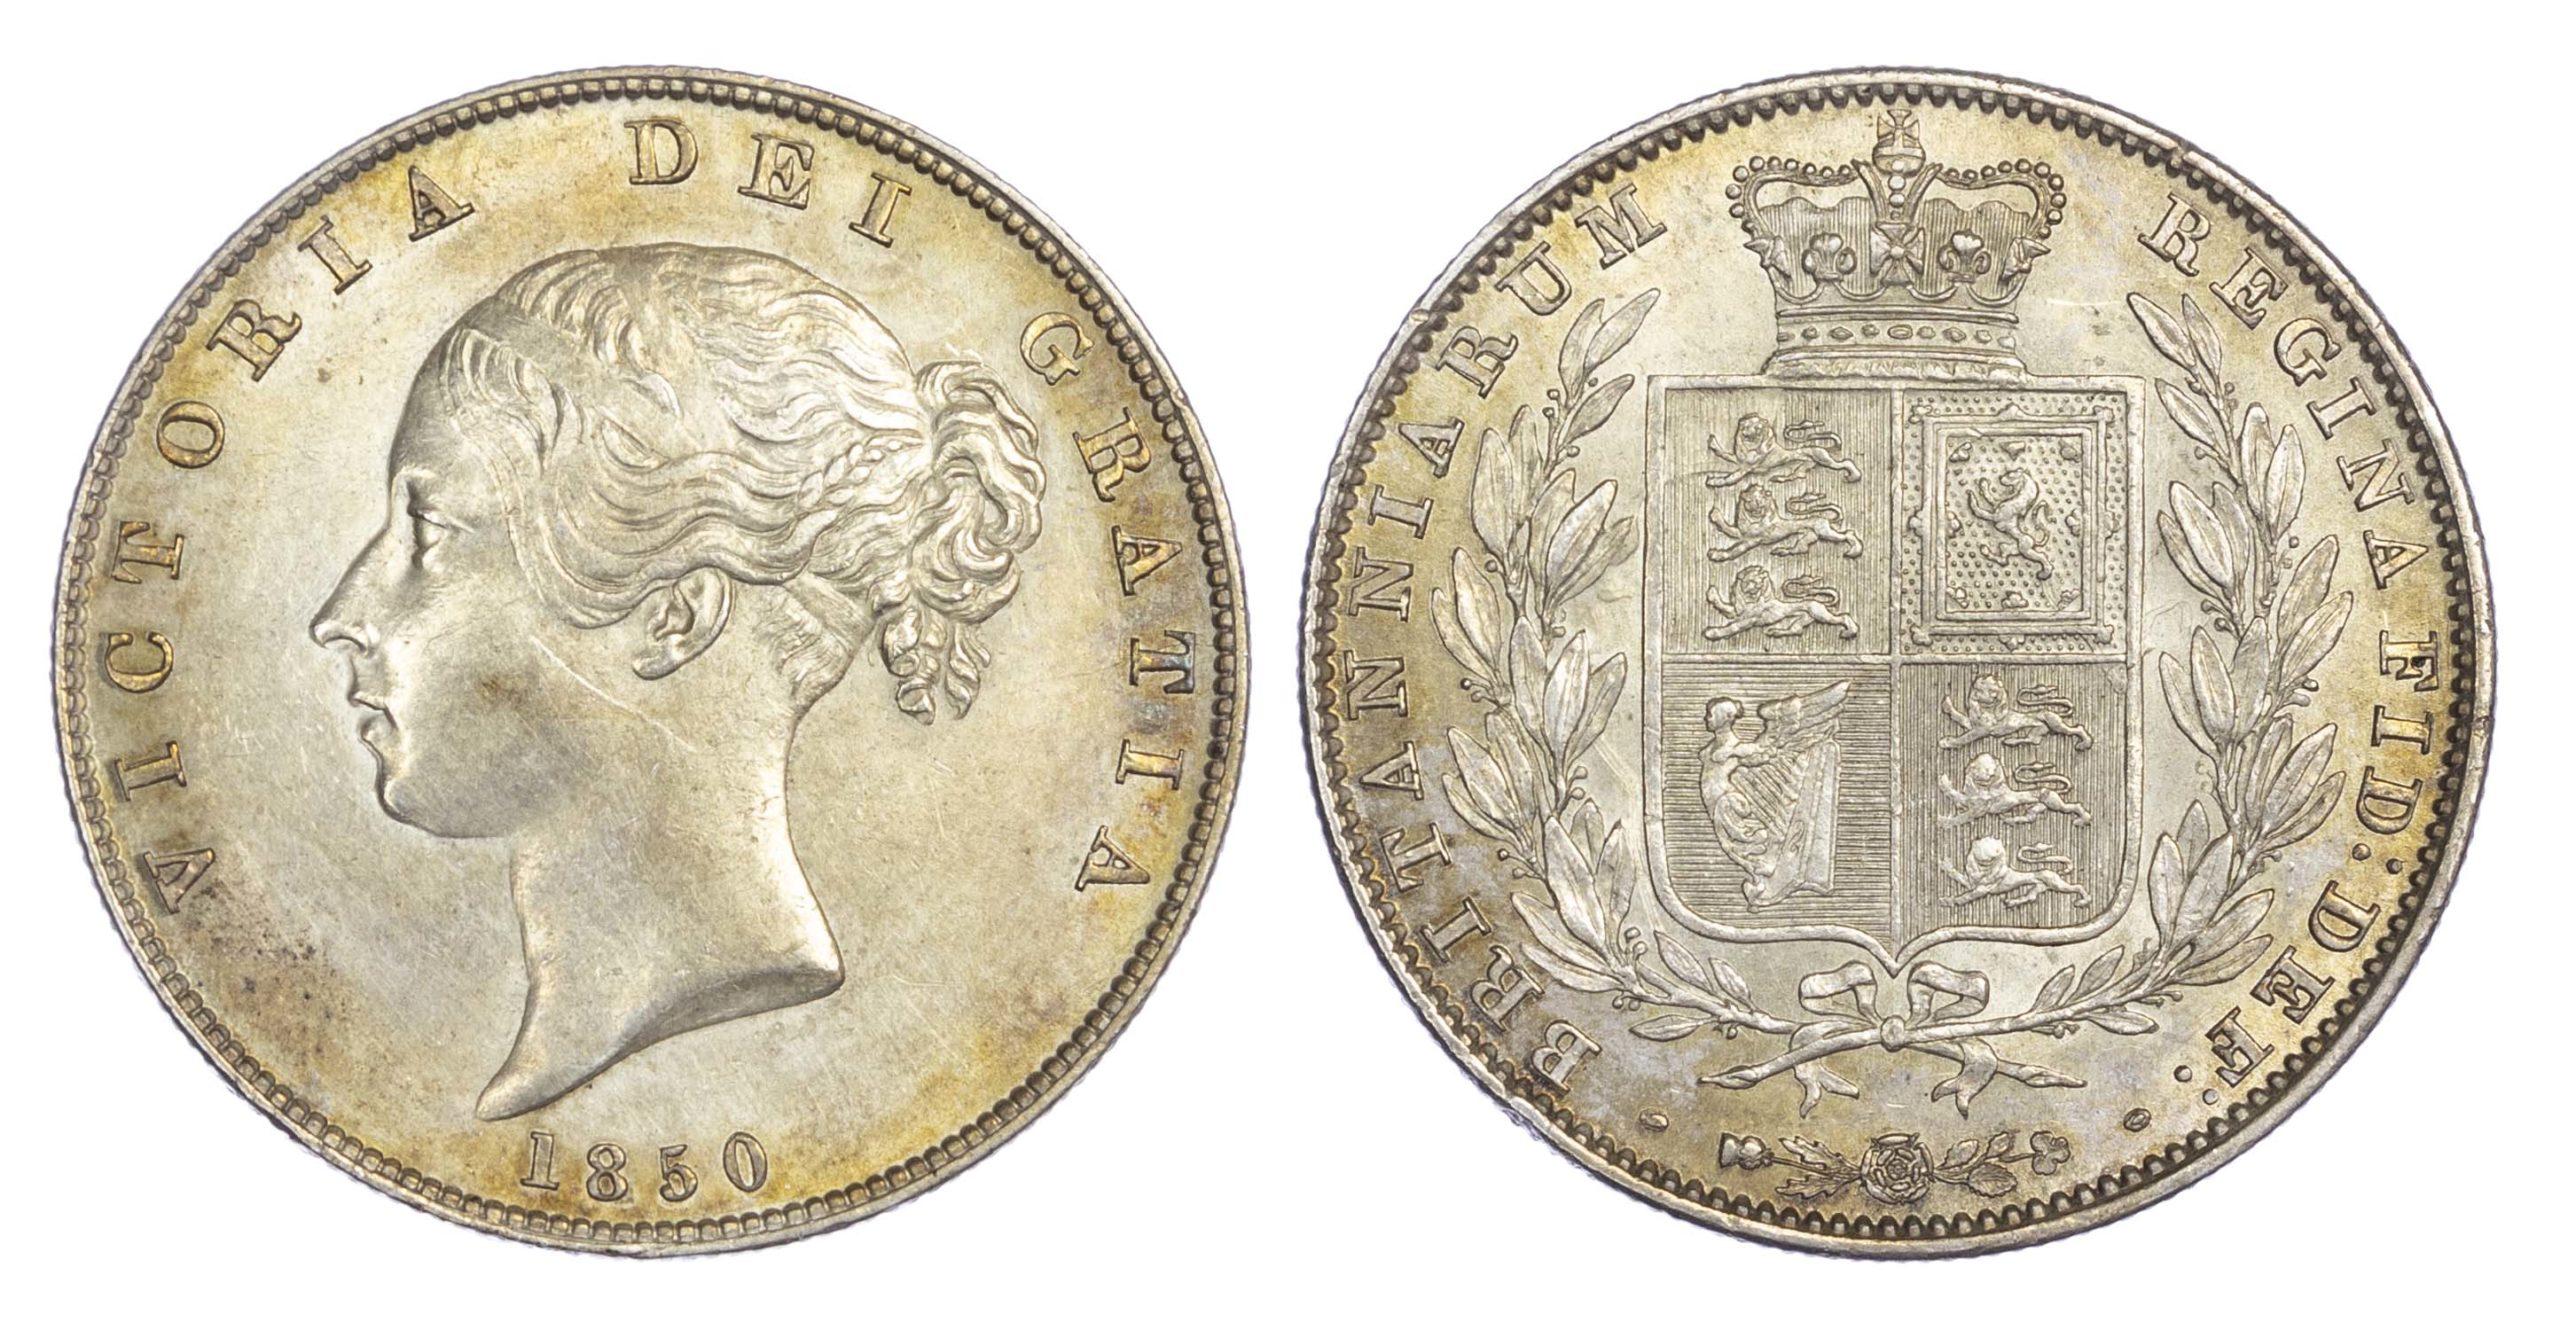 Victoria (1837-1901), Halfcrown, type A4, 1850